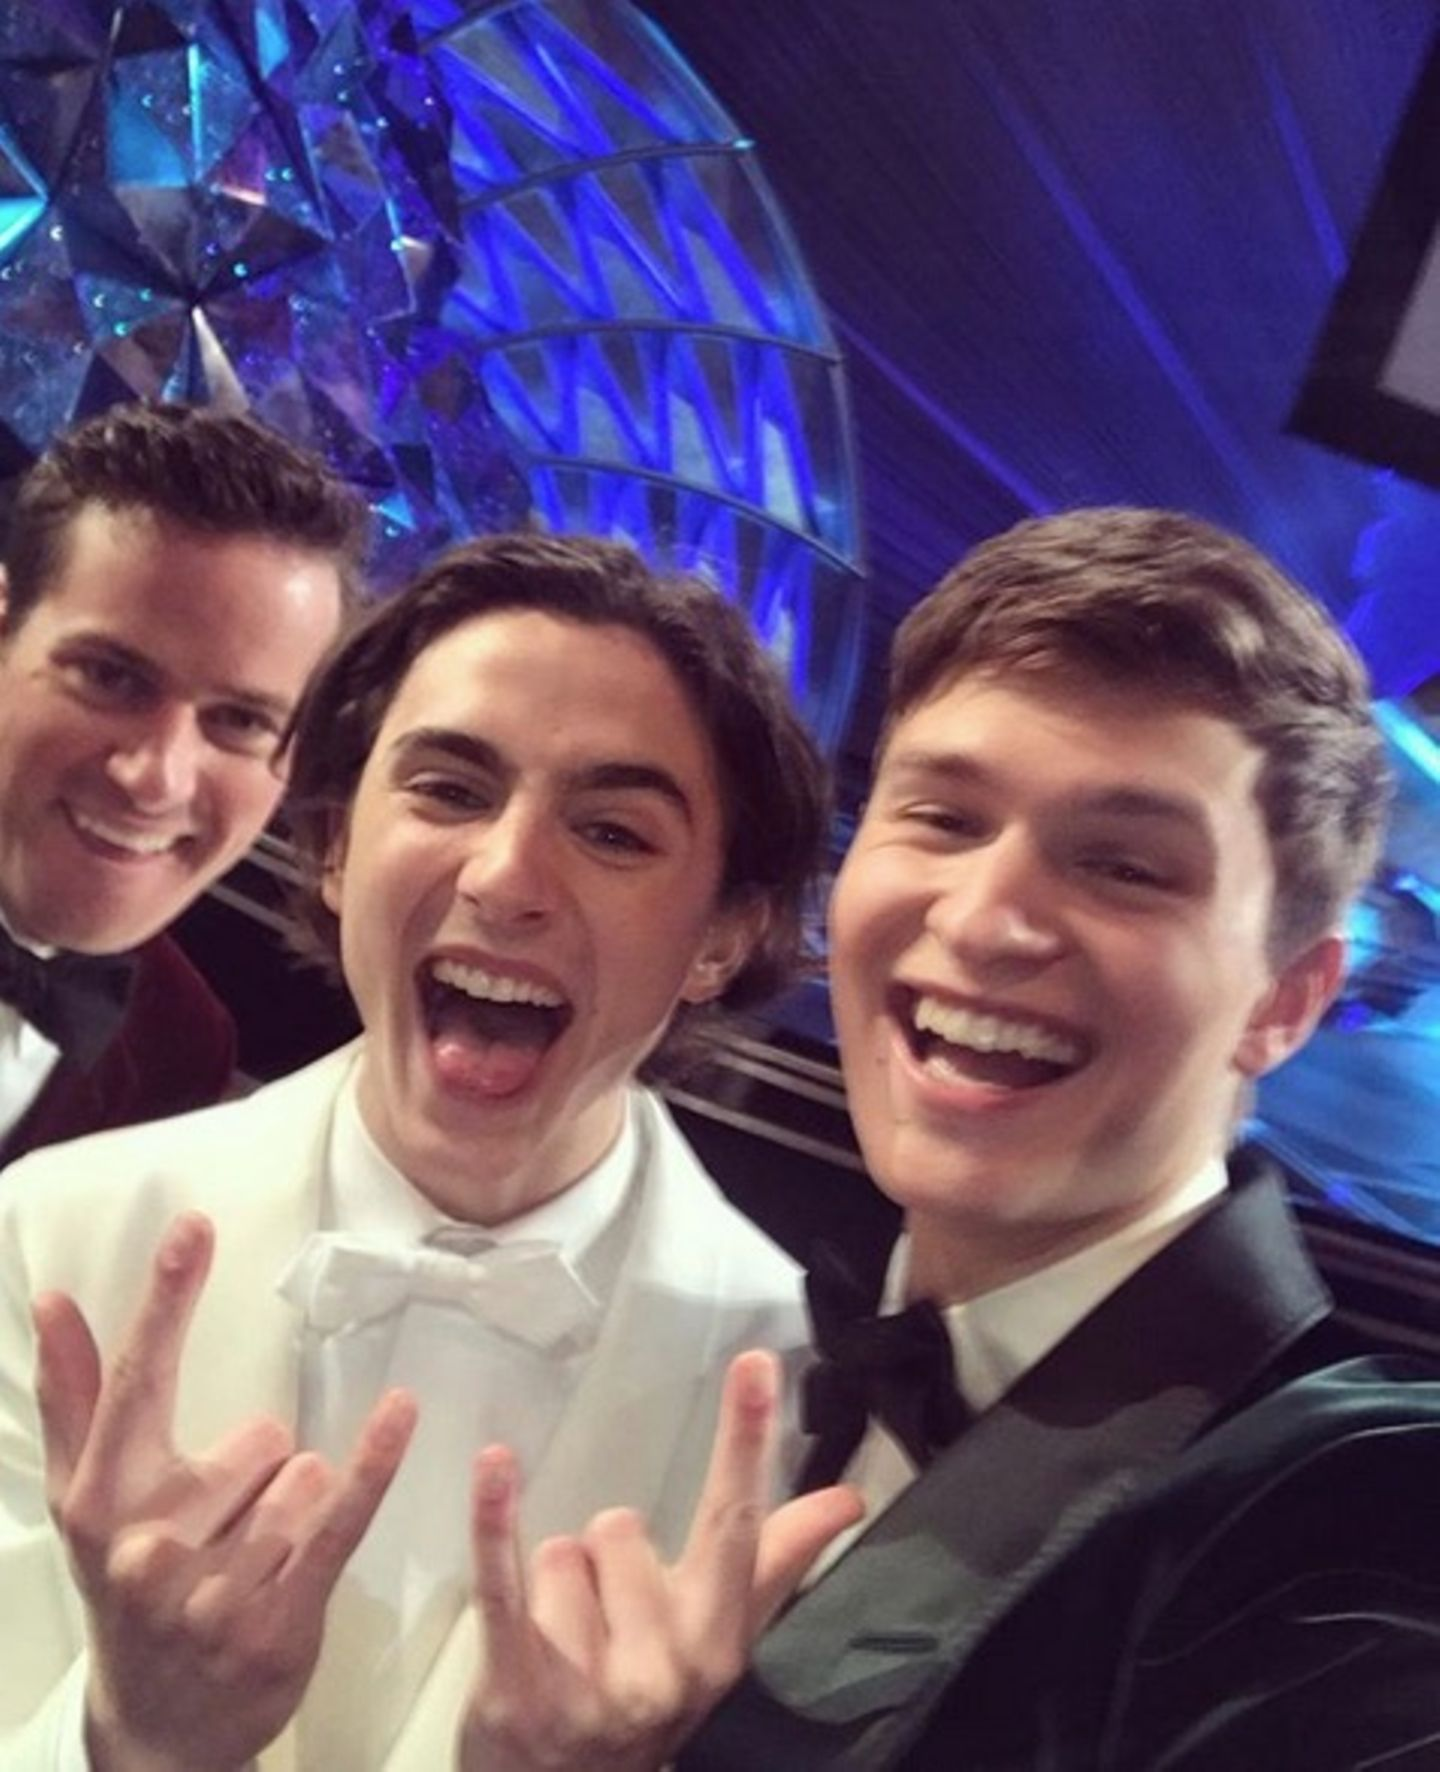 Mit diesem lustigen Selfie transportieren Armie Hammer, Timothée Chalamet und Ansel Elgort die bombige Stimmung des Abends zu ihren Fans.